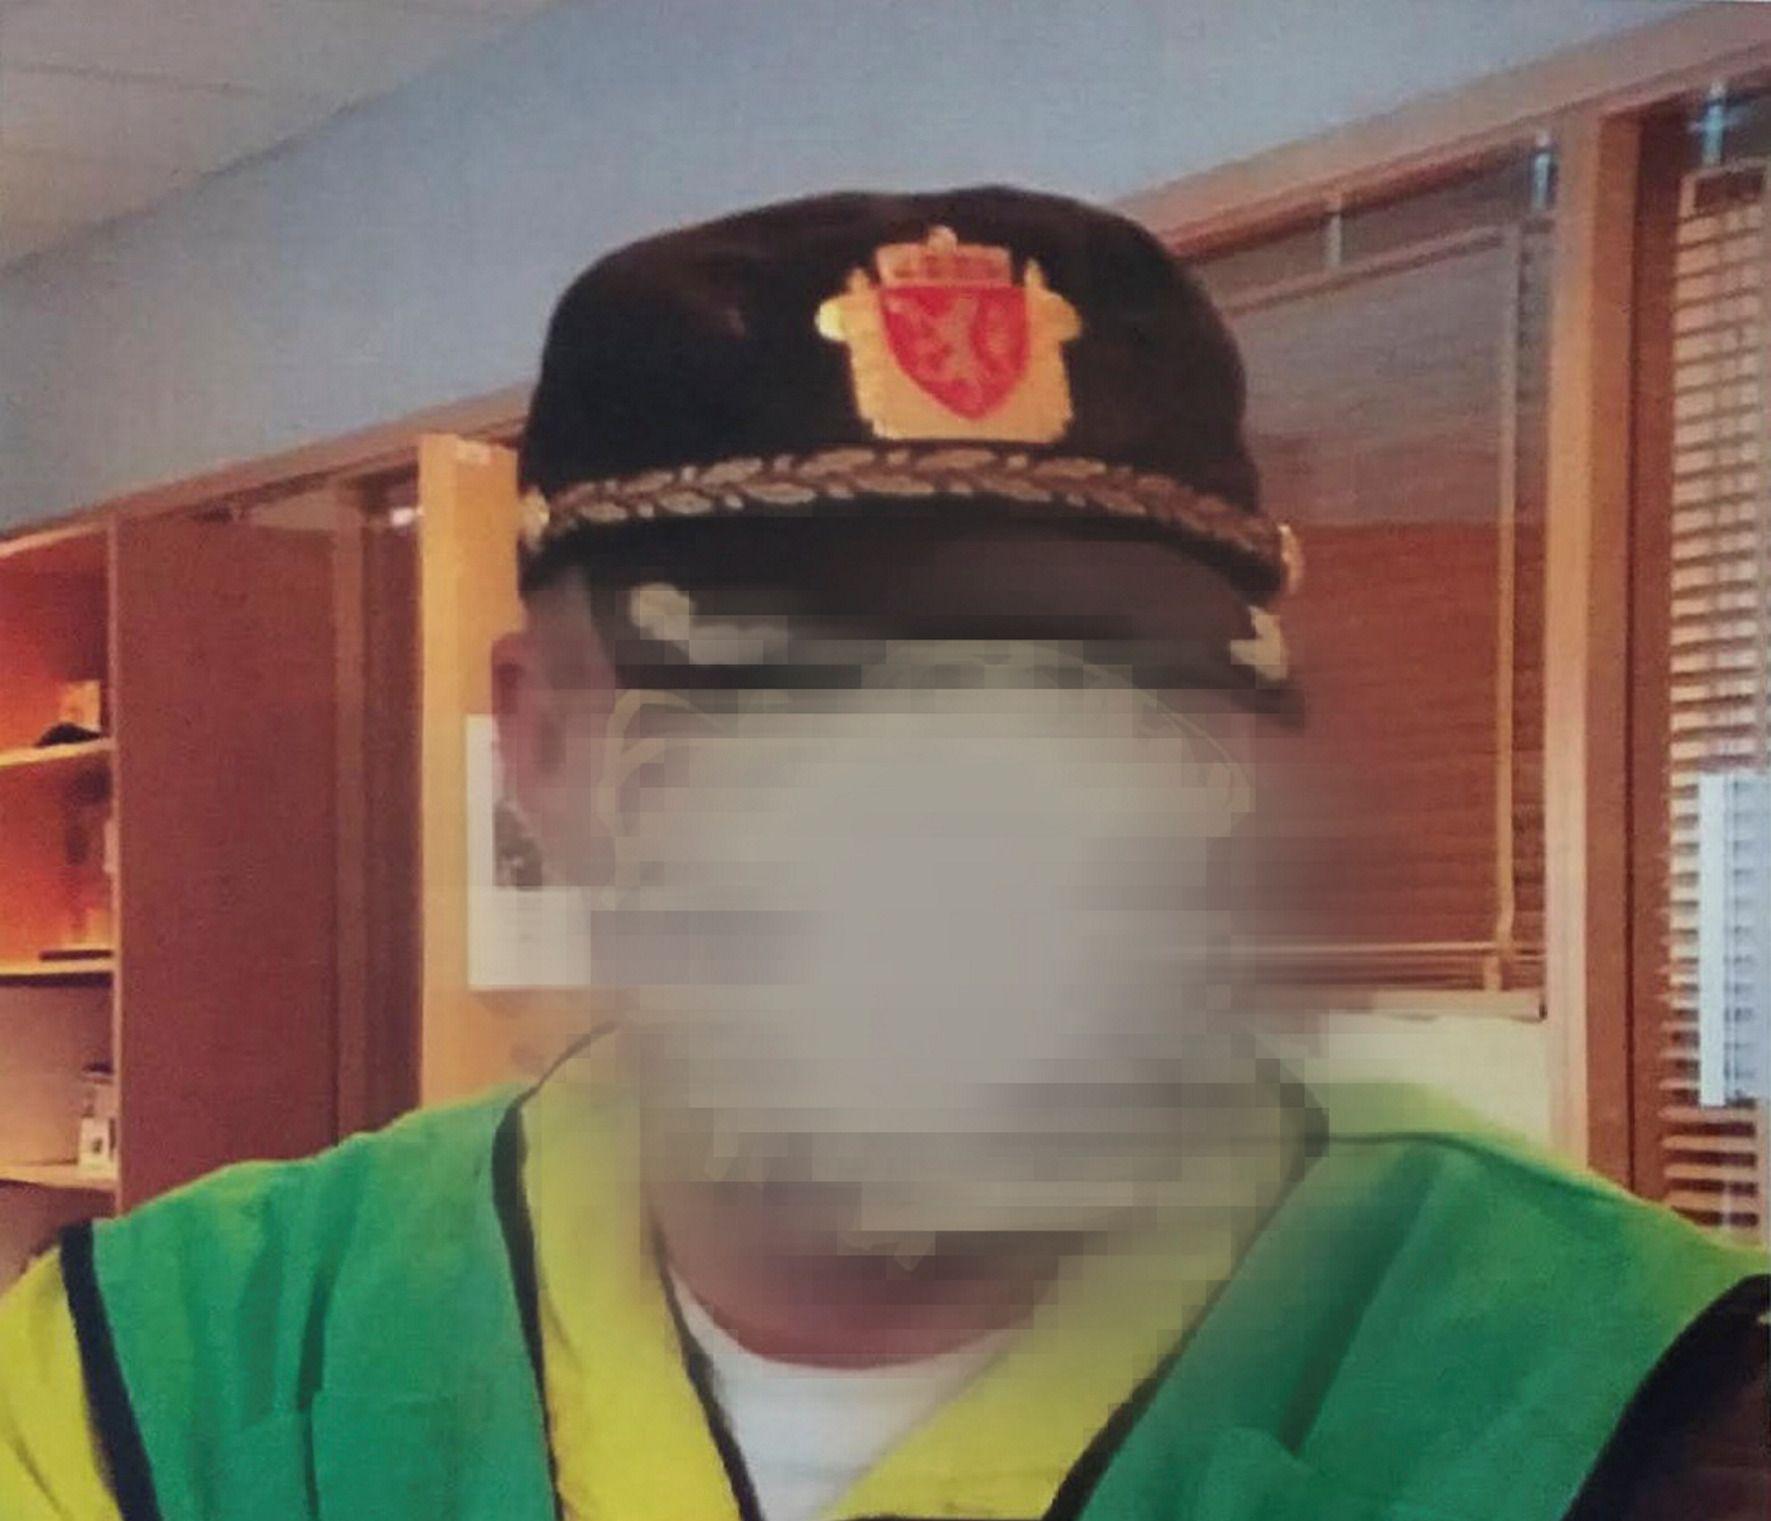 SPØK BLE ALVOR: Mannen publiserte dette bildet, uten sladd, på Facebook som profilbilde. Det likte ikke politiet, og domstolene har funnet det ulovlig.